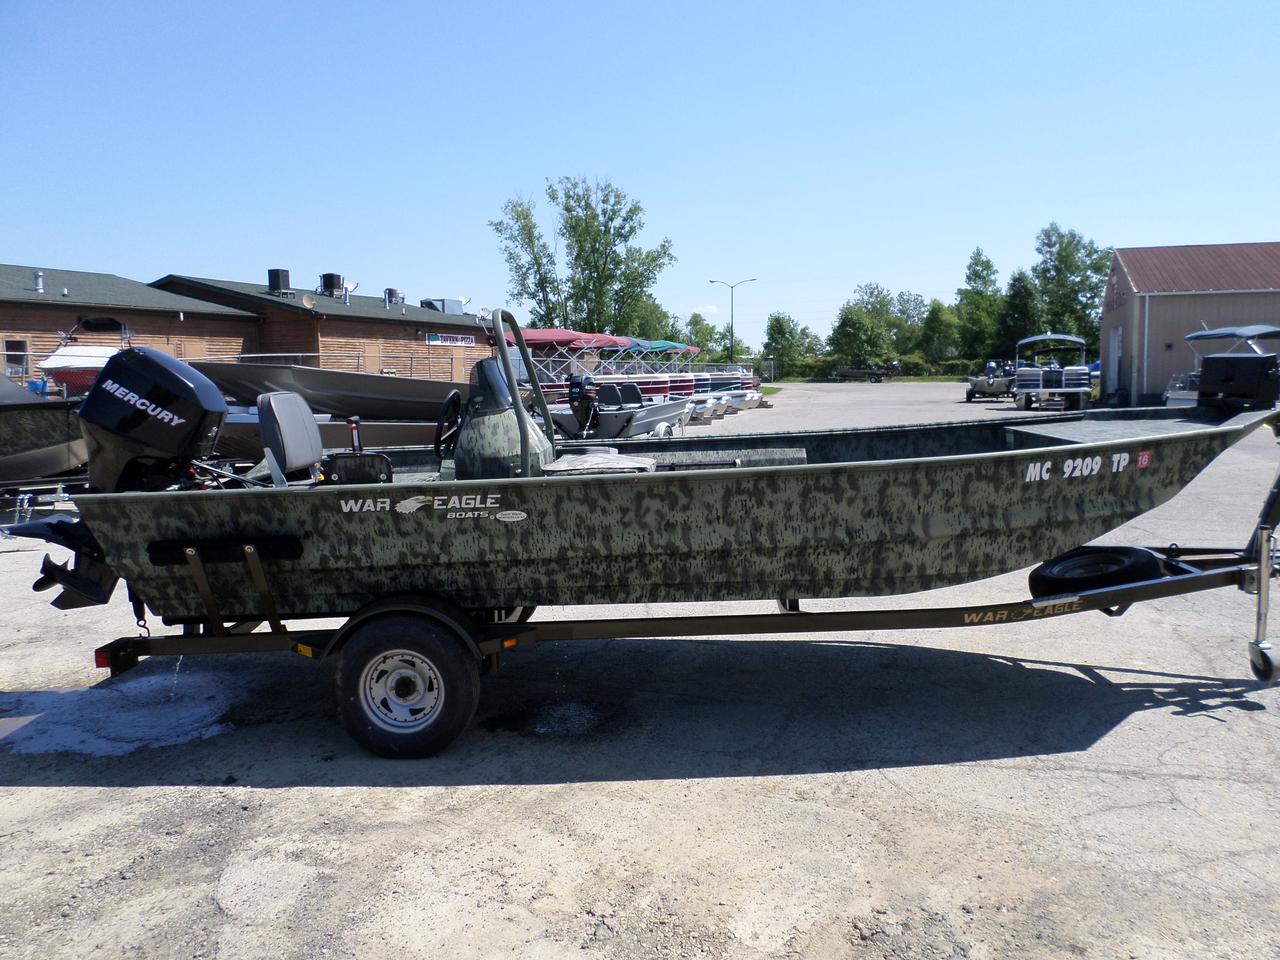 2010 Used War Eagle 860 Ldsv Jon Boat For Sale 12 995